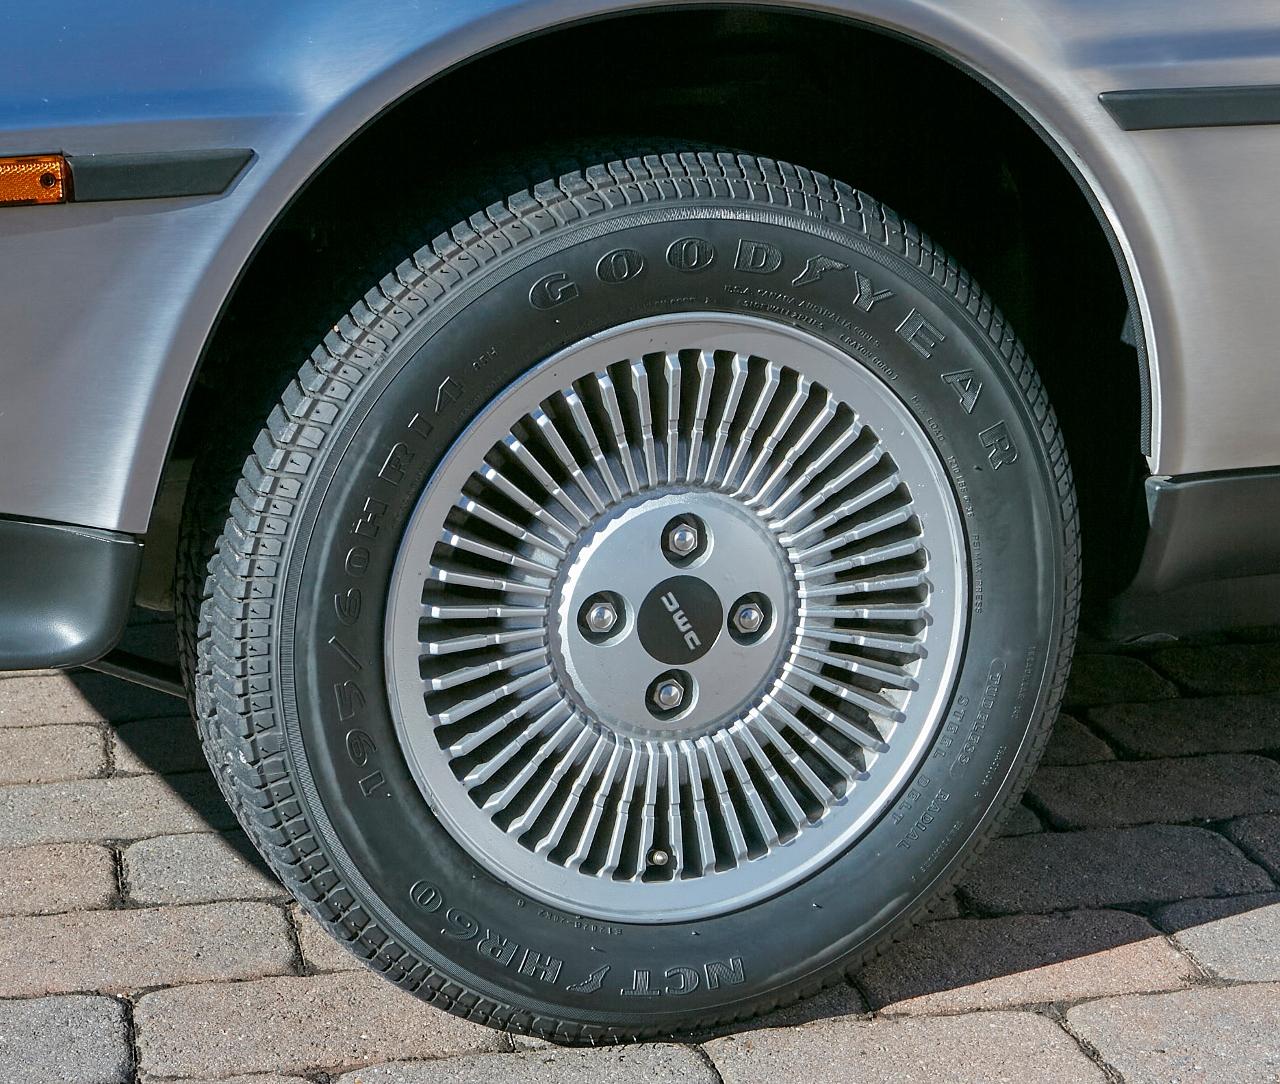 1981 DeLorean DMC-12 5-Speed wheel detail close